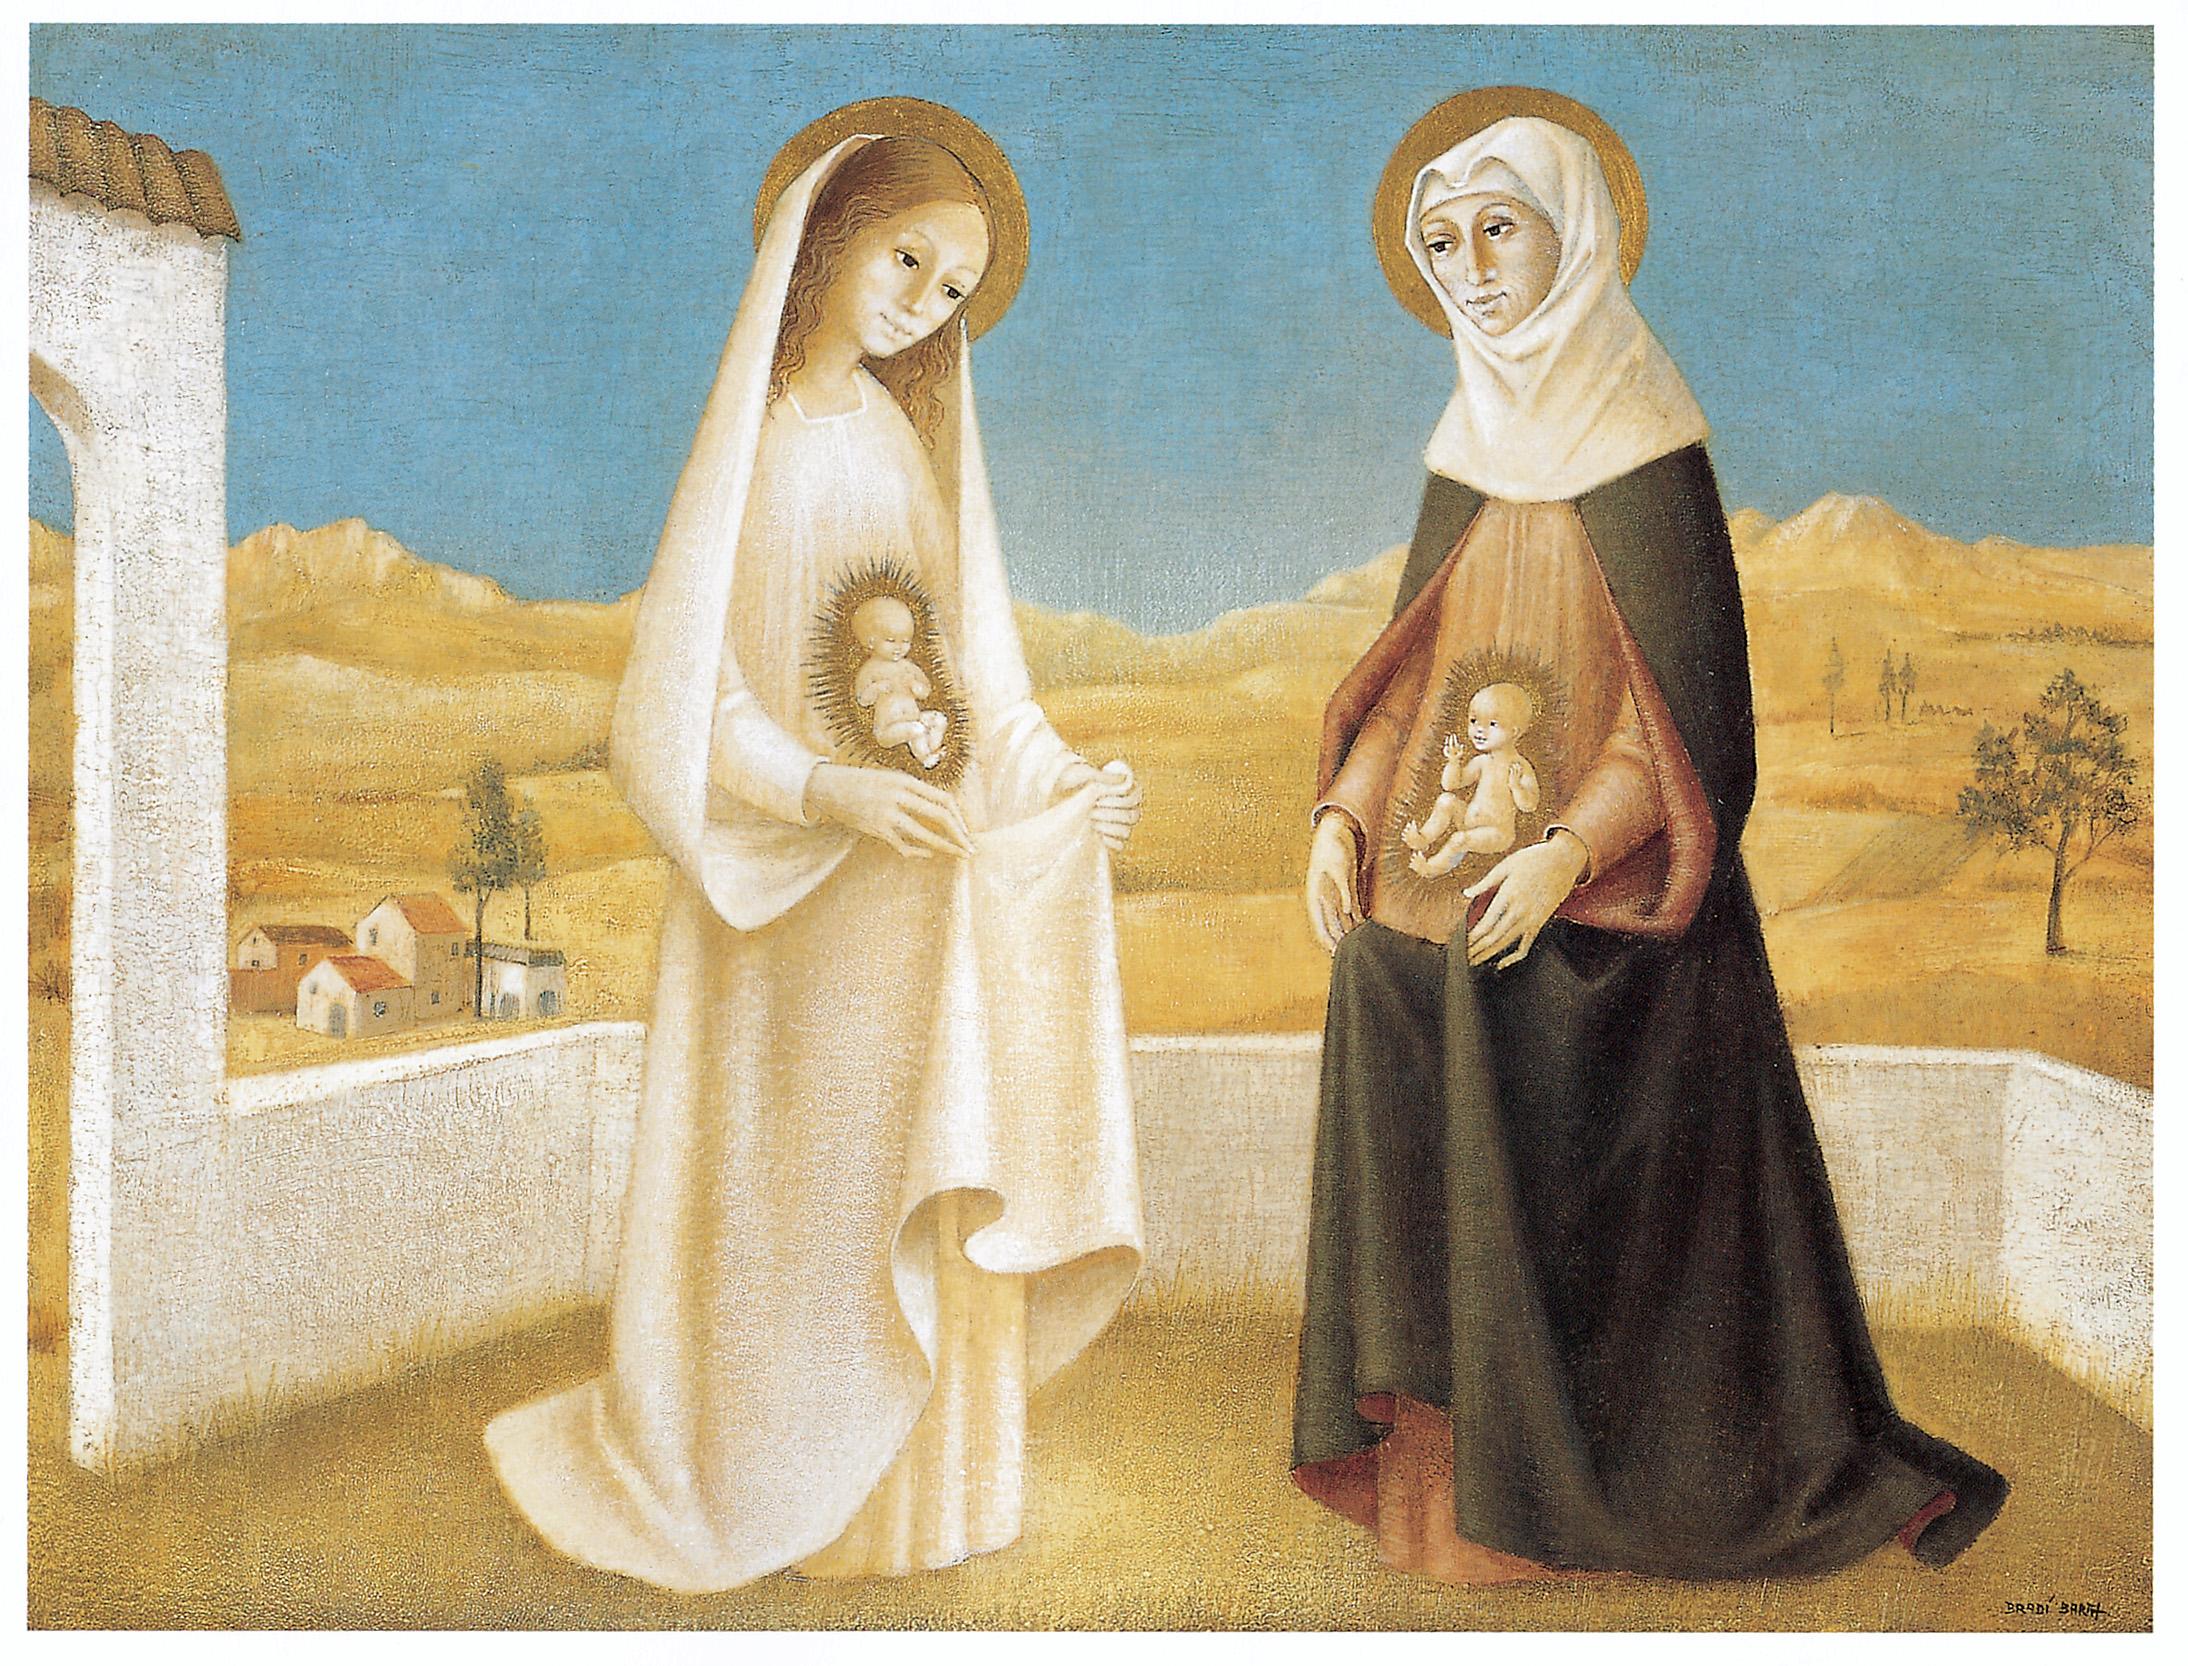 El Primer Encuentro entre Jesucristo y su Precursor: Fiesta de la Visitación de María (31 de mayo y 2 de julio)